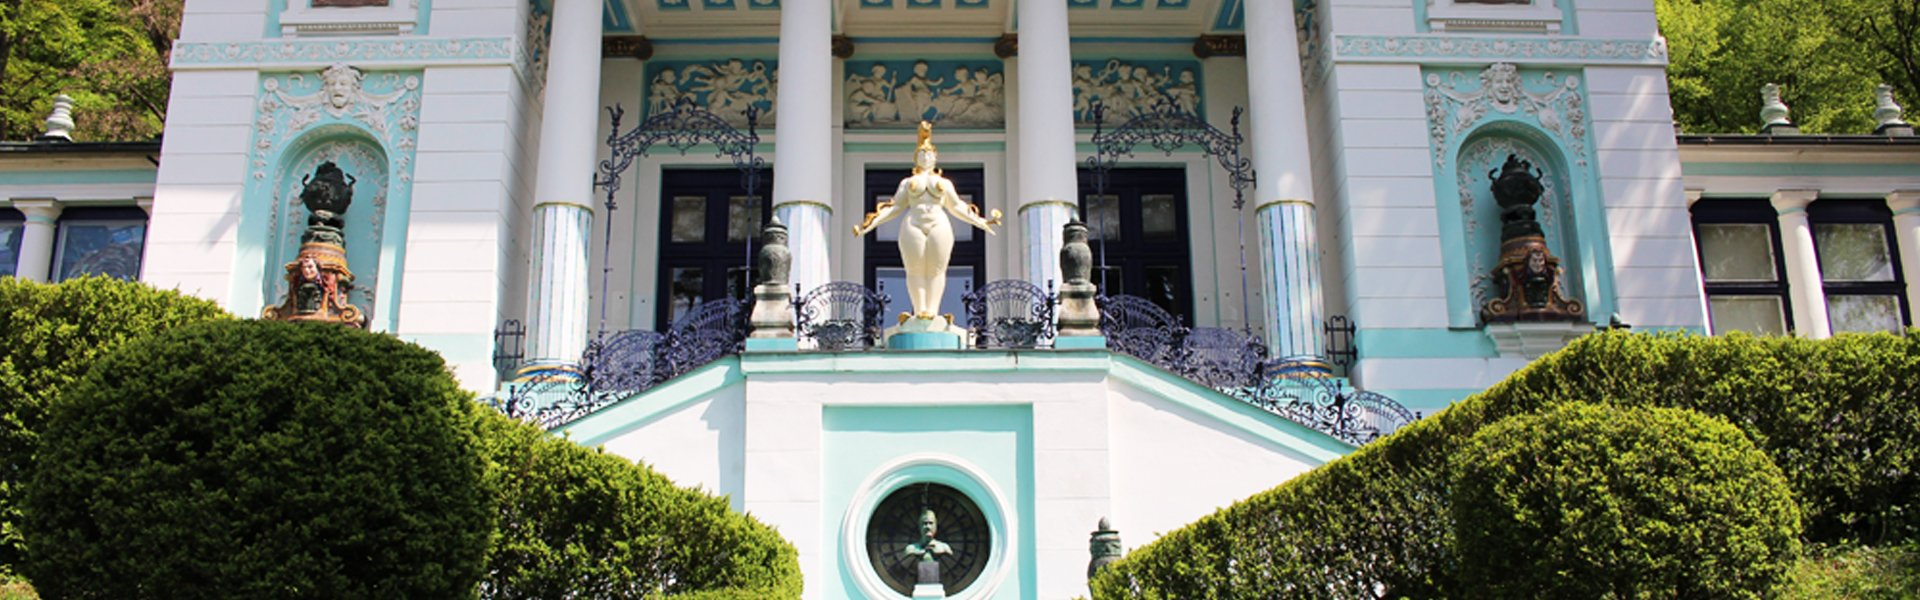 Villa Wagner II in Wenen, Oostenrijk